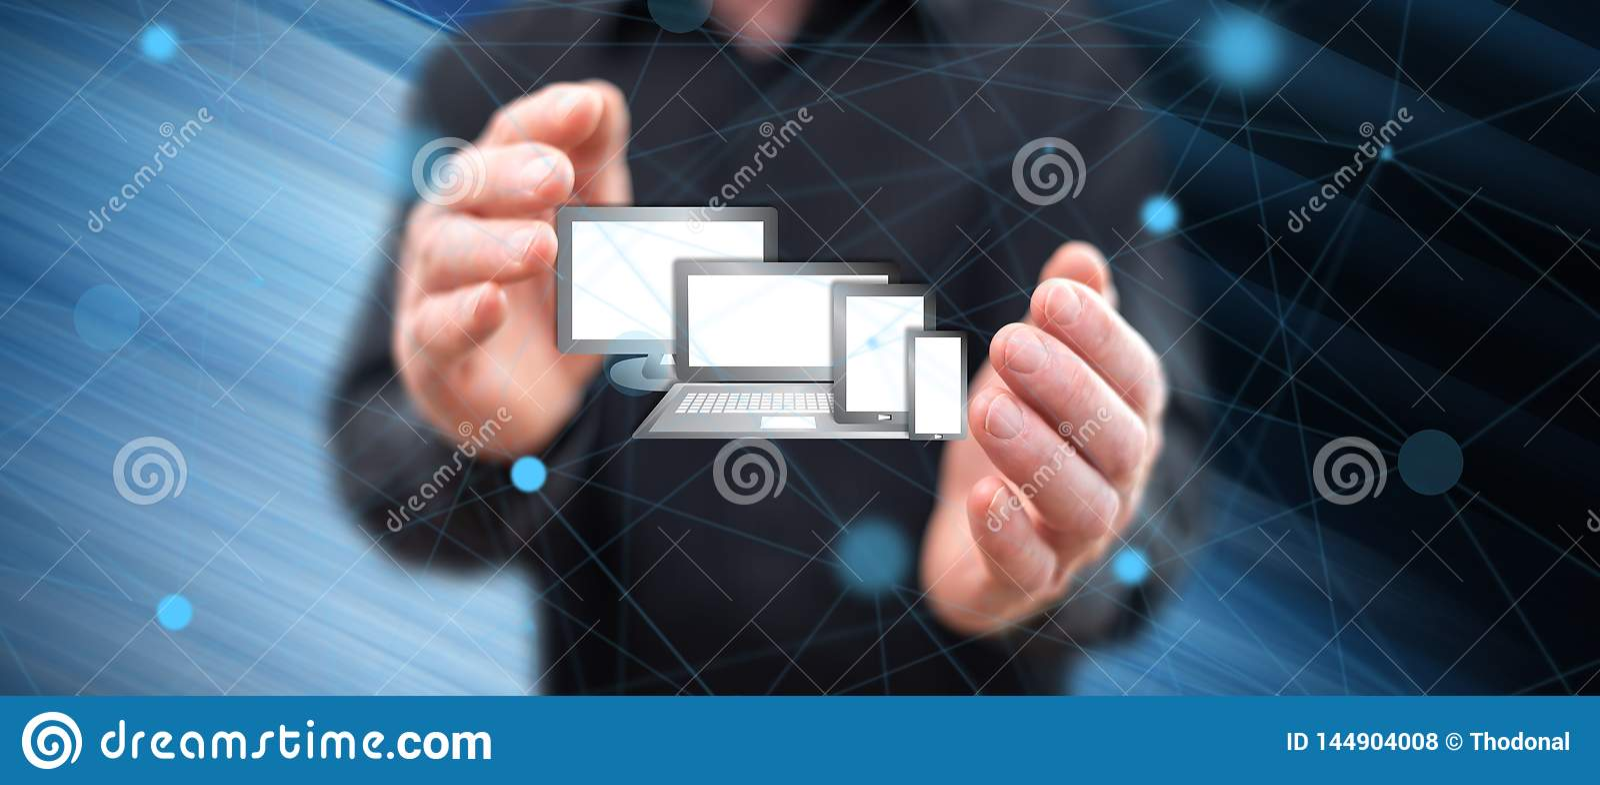 Konzept von Technologieger?ten